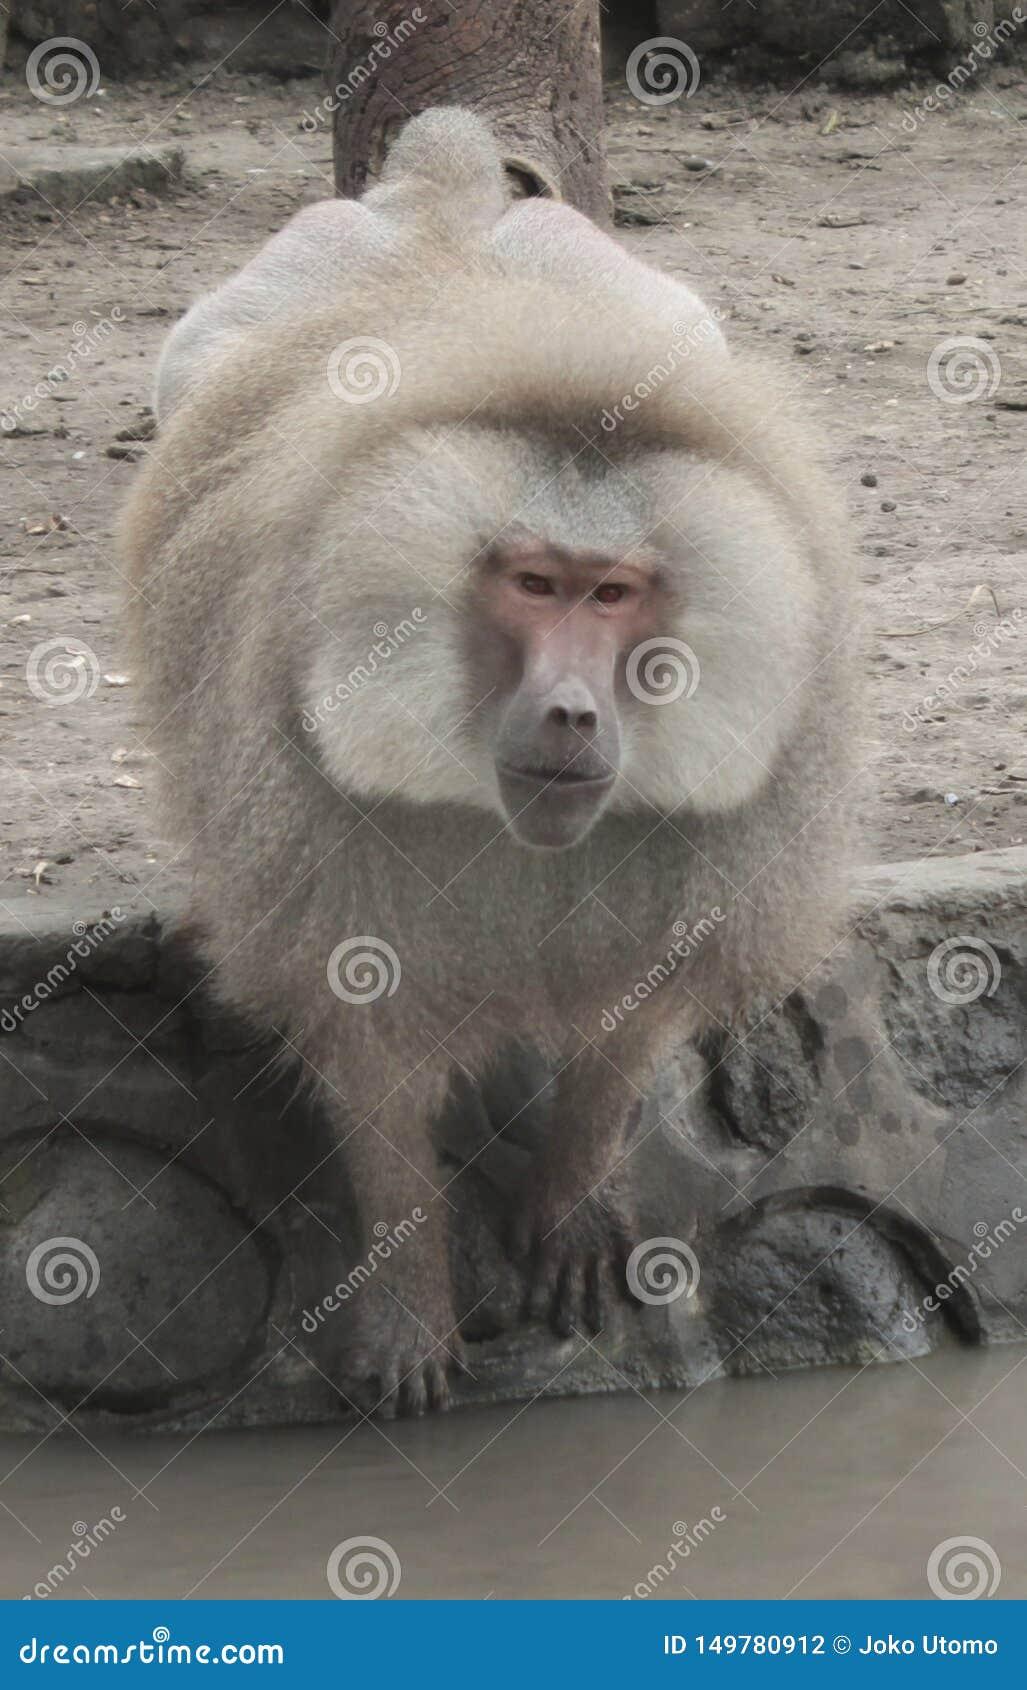 Grote een Oude Wereld grond-blijvende stilstaan aap met een lange doglike snuit, grote tanden, en naakte eelten op de billen